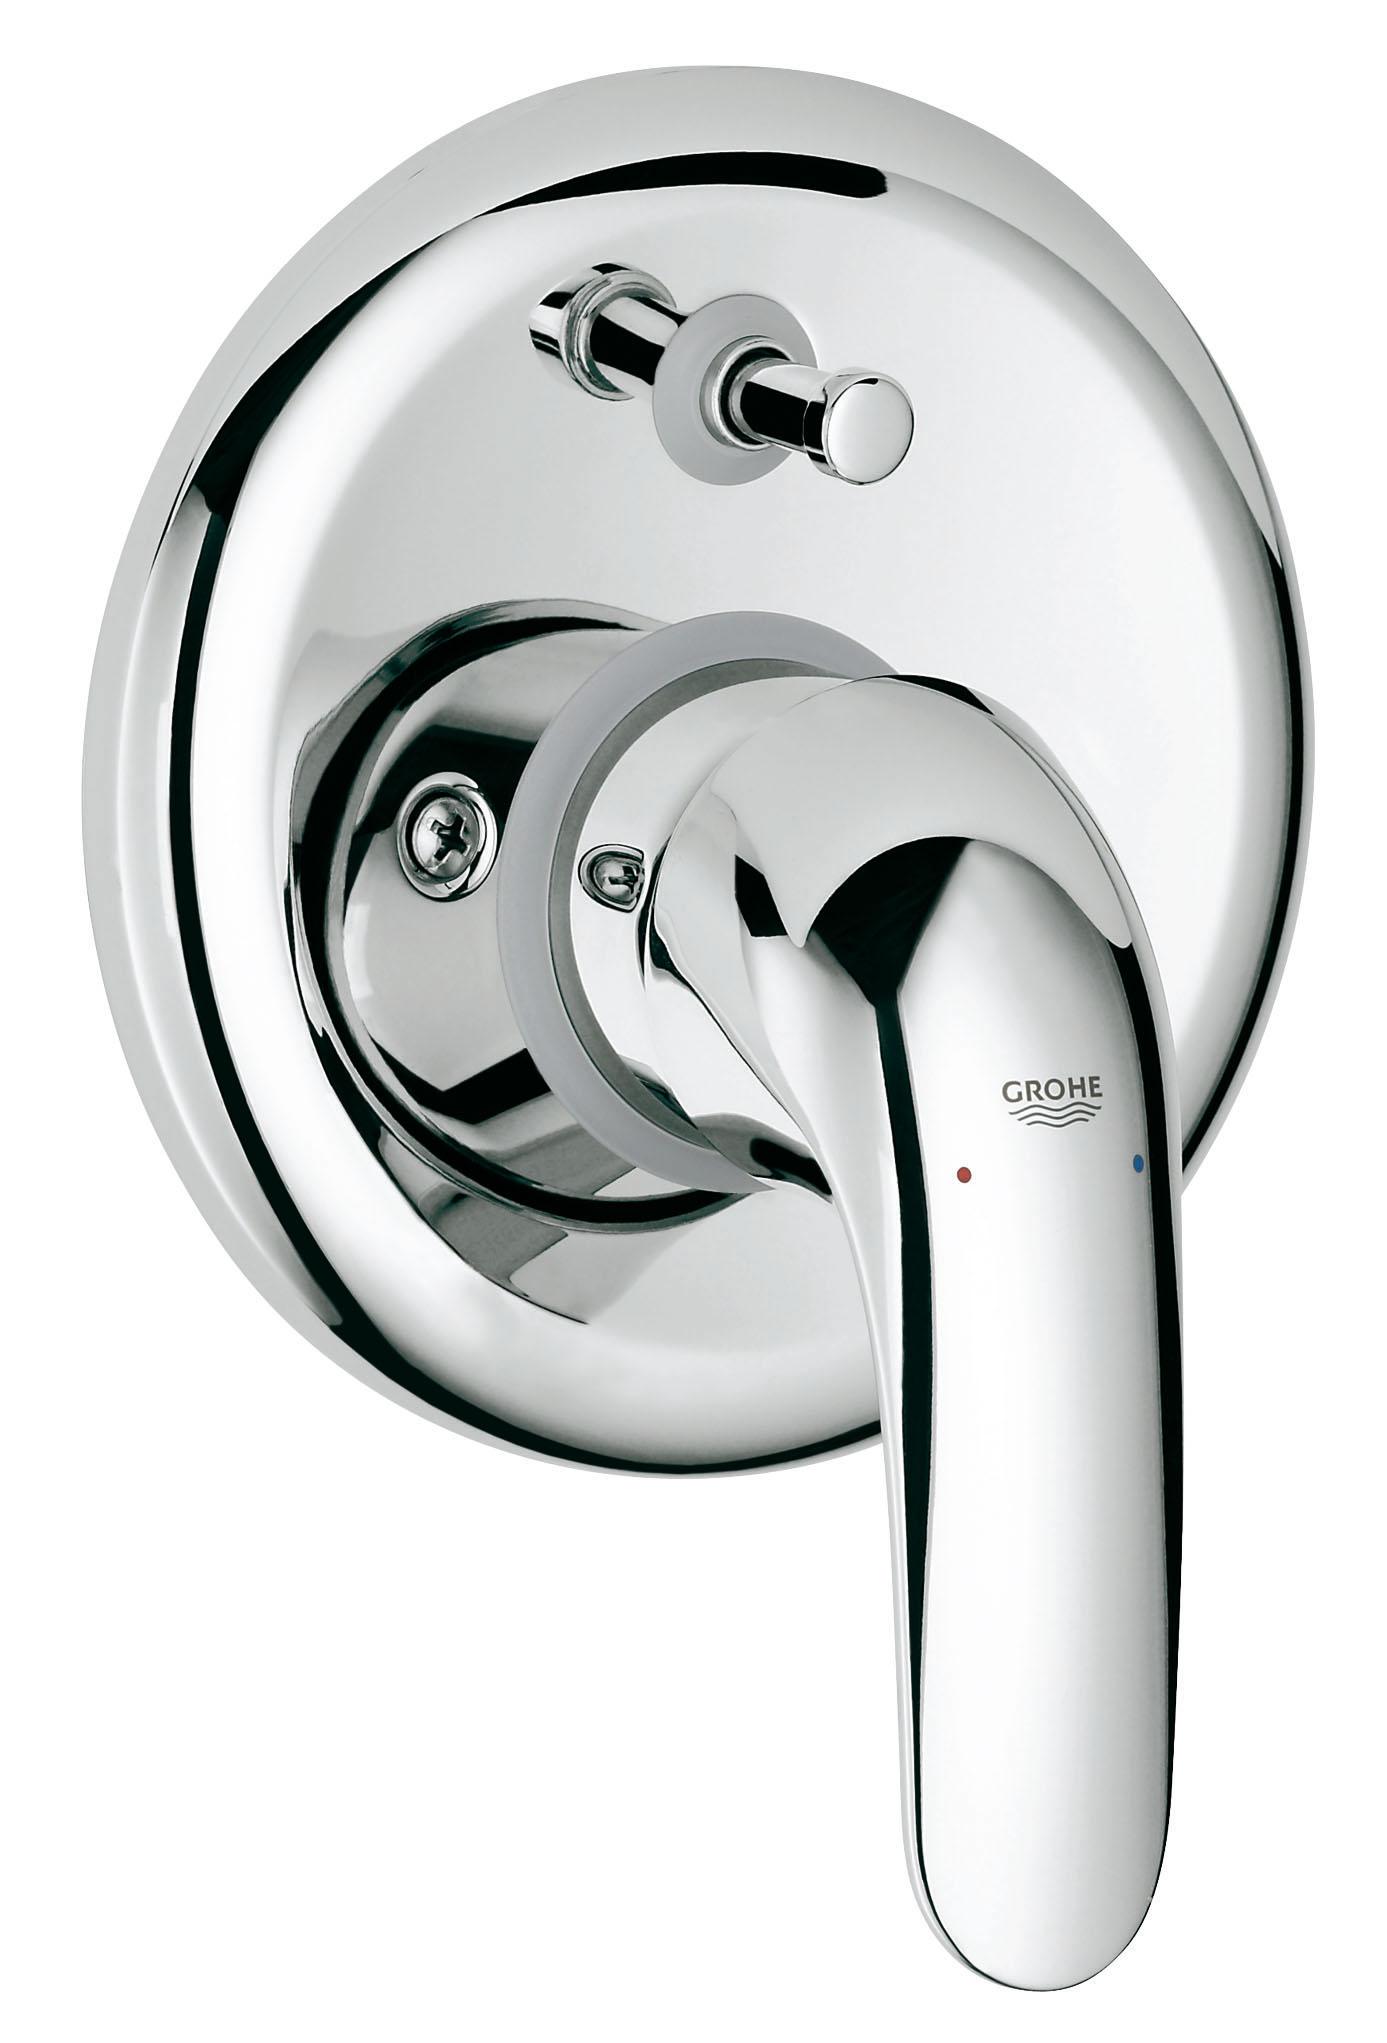 Смеситель встраиваемый для ванны GROHE Euroeco new (встр. механизм в комплекте) (32747000)32747000Скрытый монтажВключает в себя:Встраиваемый механизм (33 963)Комплект готового монтажа (19 379)GROHE SilkMove керамический картридж O 46 ммGROHE StarLight хромированная поверхность Автоматический переключатель: ванна/душМеталлический рычагУплотнитель розетки и рычагаОтражатели из металлаВинтовое креплениеДополнительный ограничитель температуры (46 308 000)